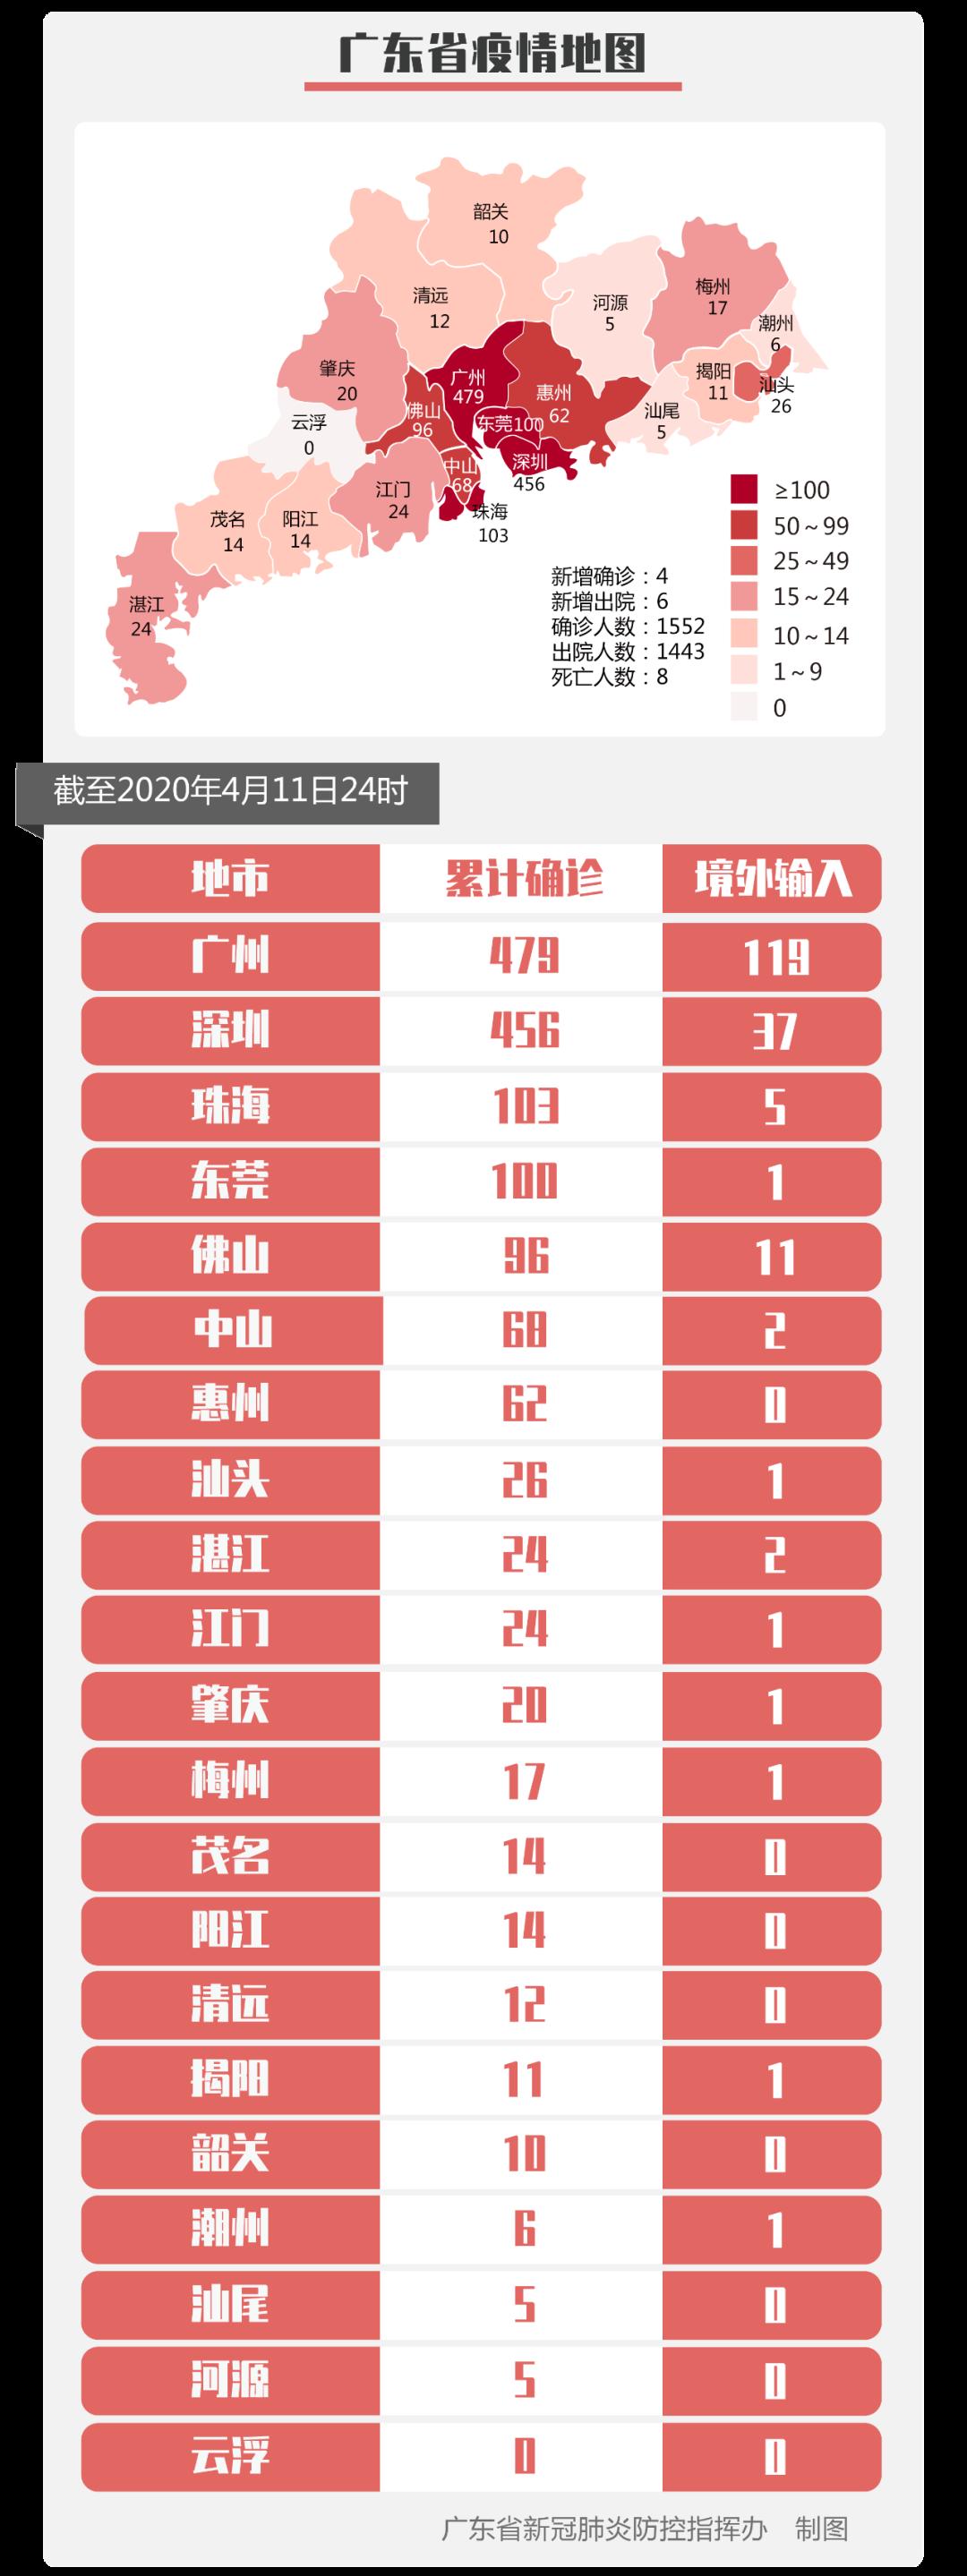 玖富彩票官方网站